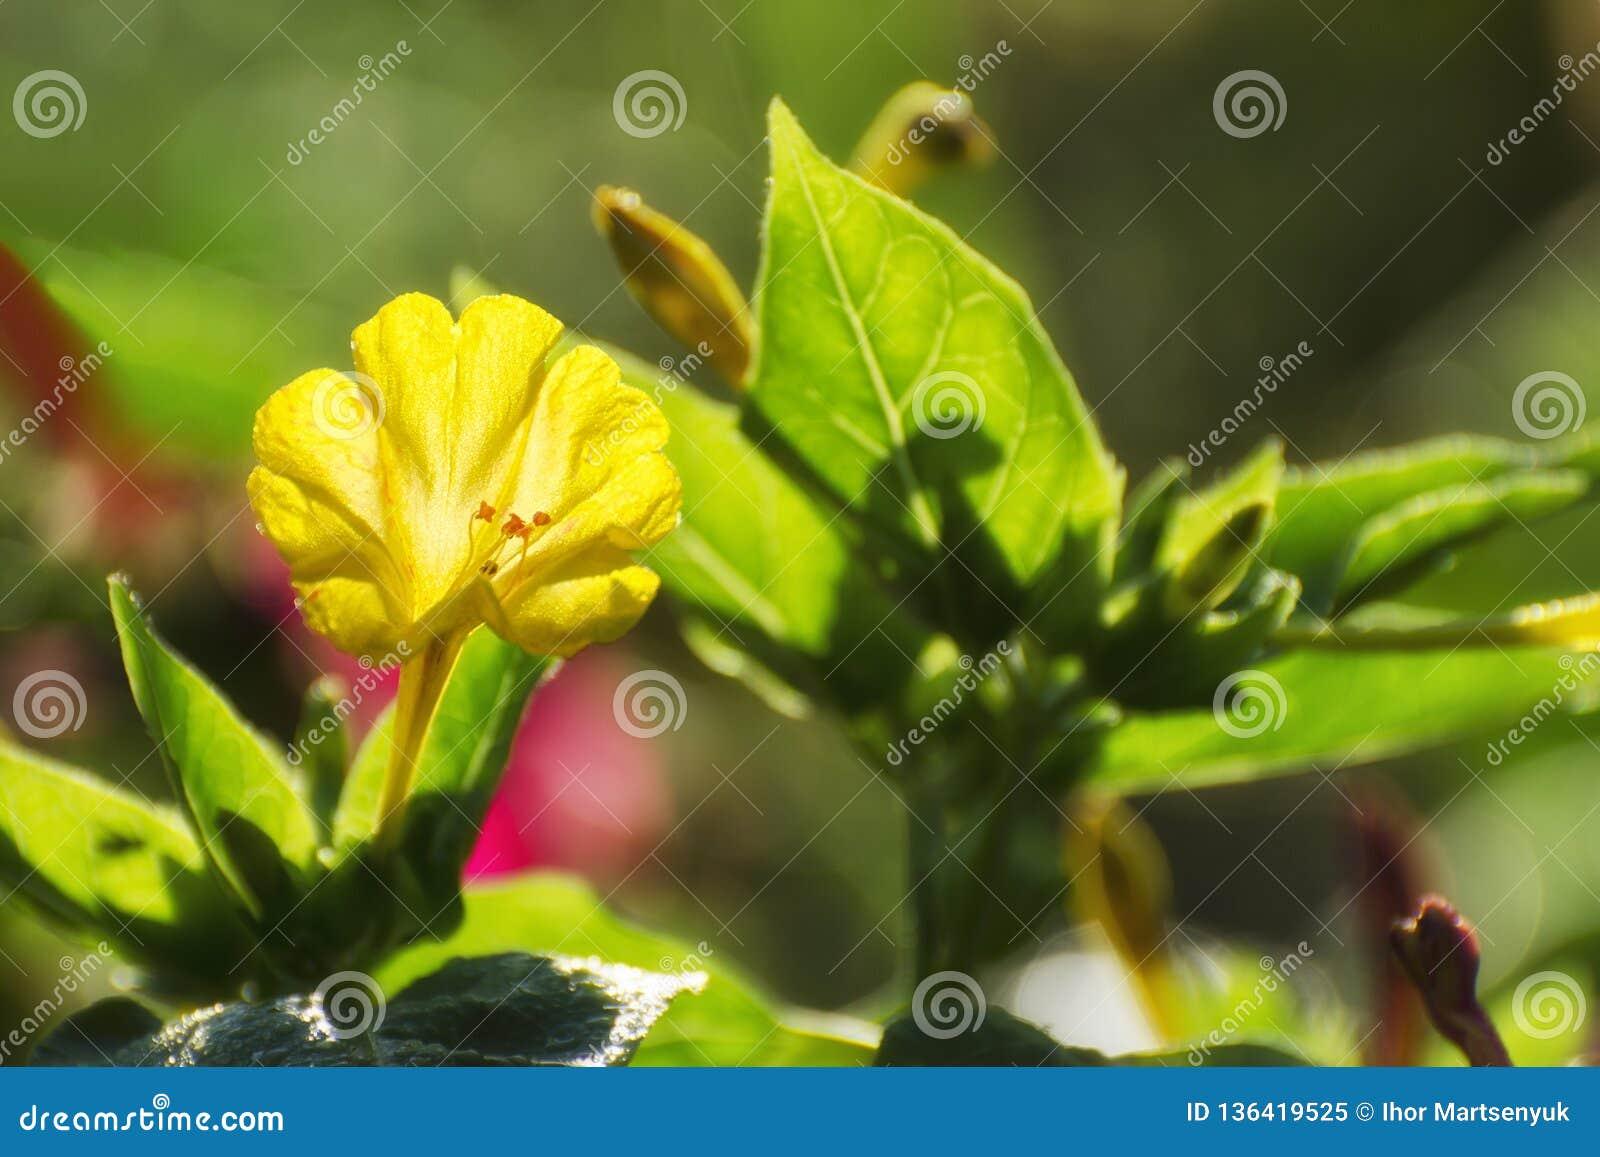 Fioriture della petunia nel giardino in primavera